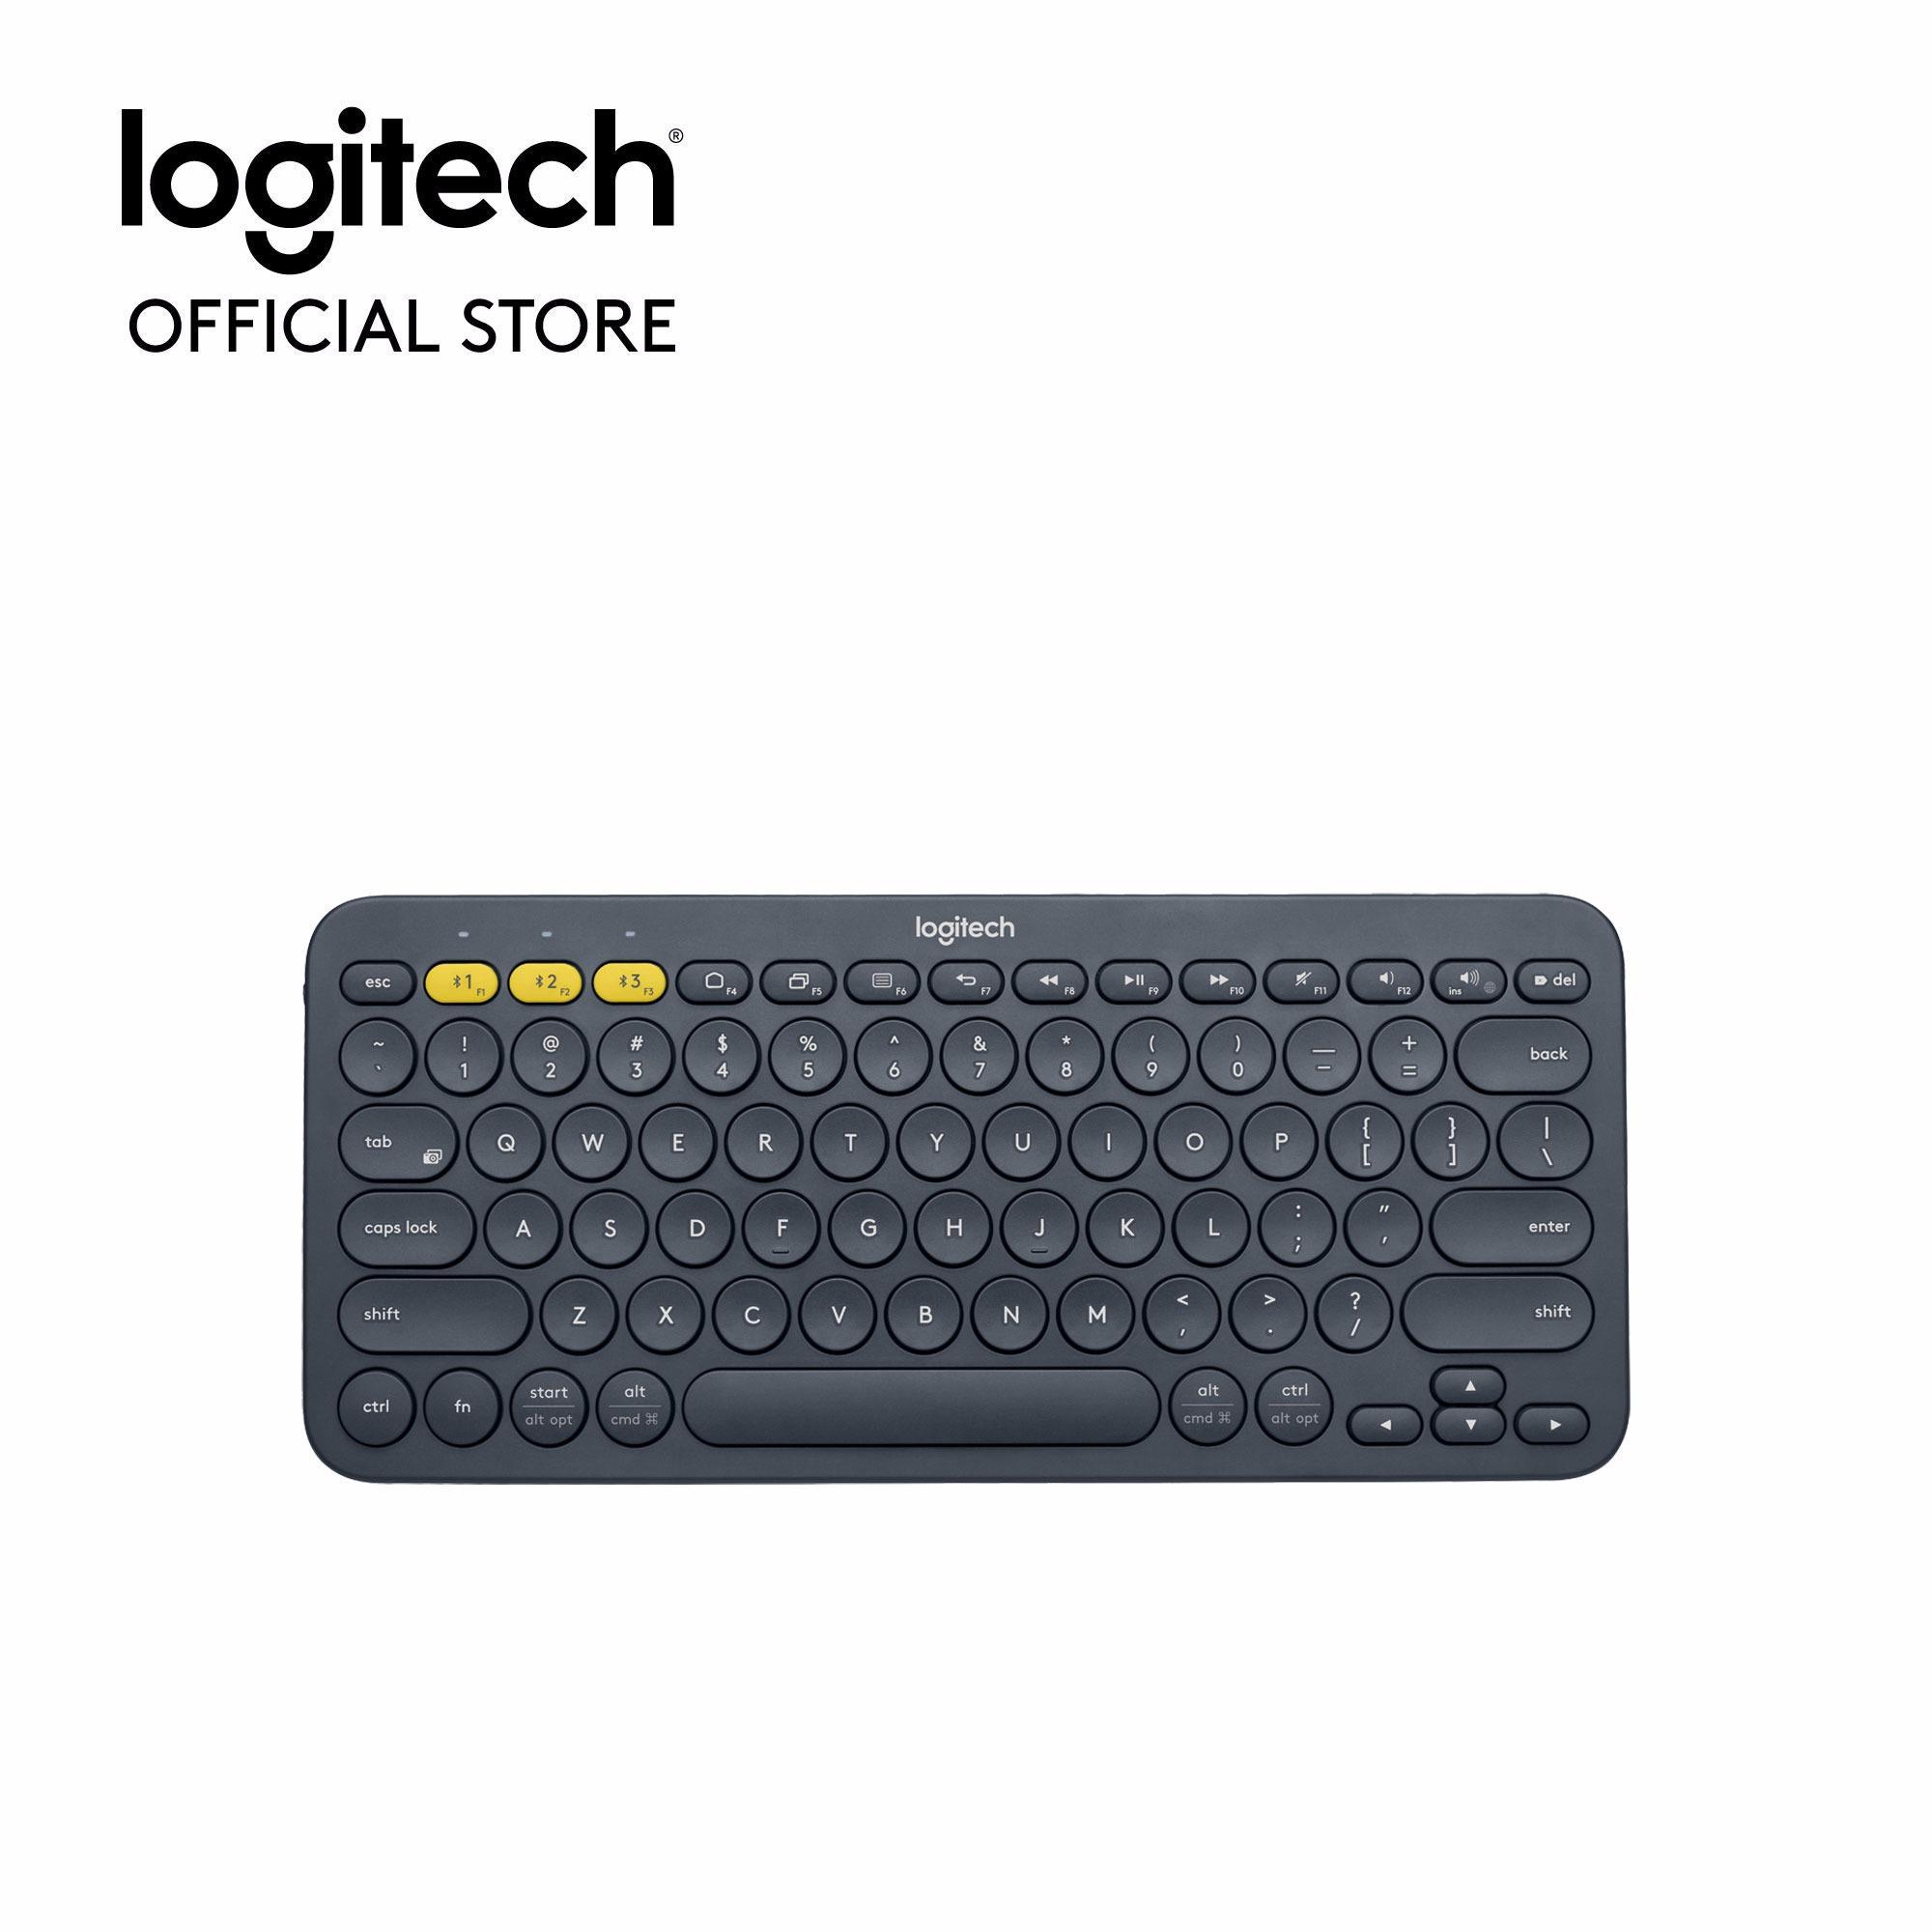 Hình ảnh Bàn phím Bluetooth đa thiết bị Logitech K380 - Hãng phân phối chính thức